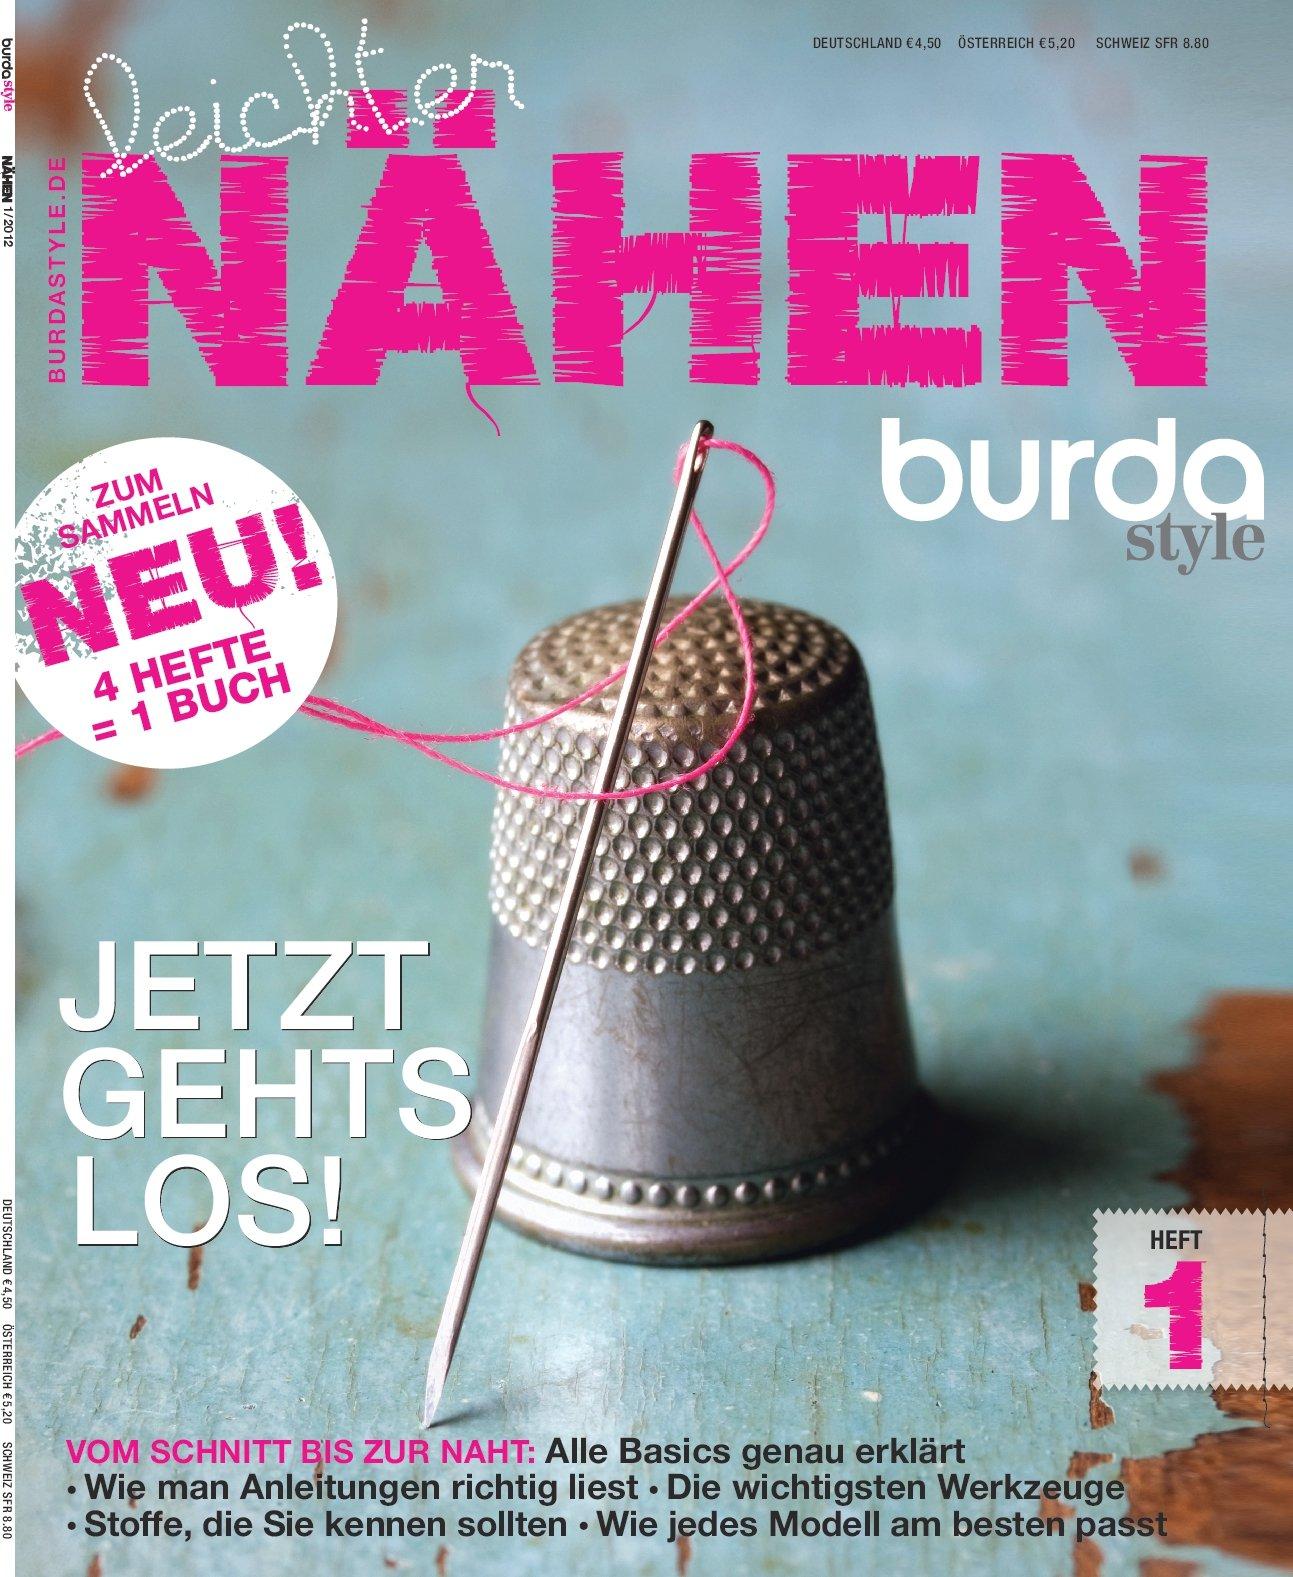 Burda leichter Nähen Heft 1/4 Nähmagazin burda style